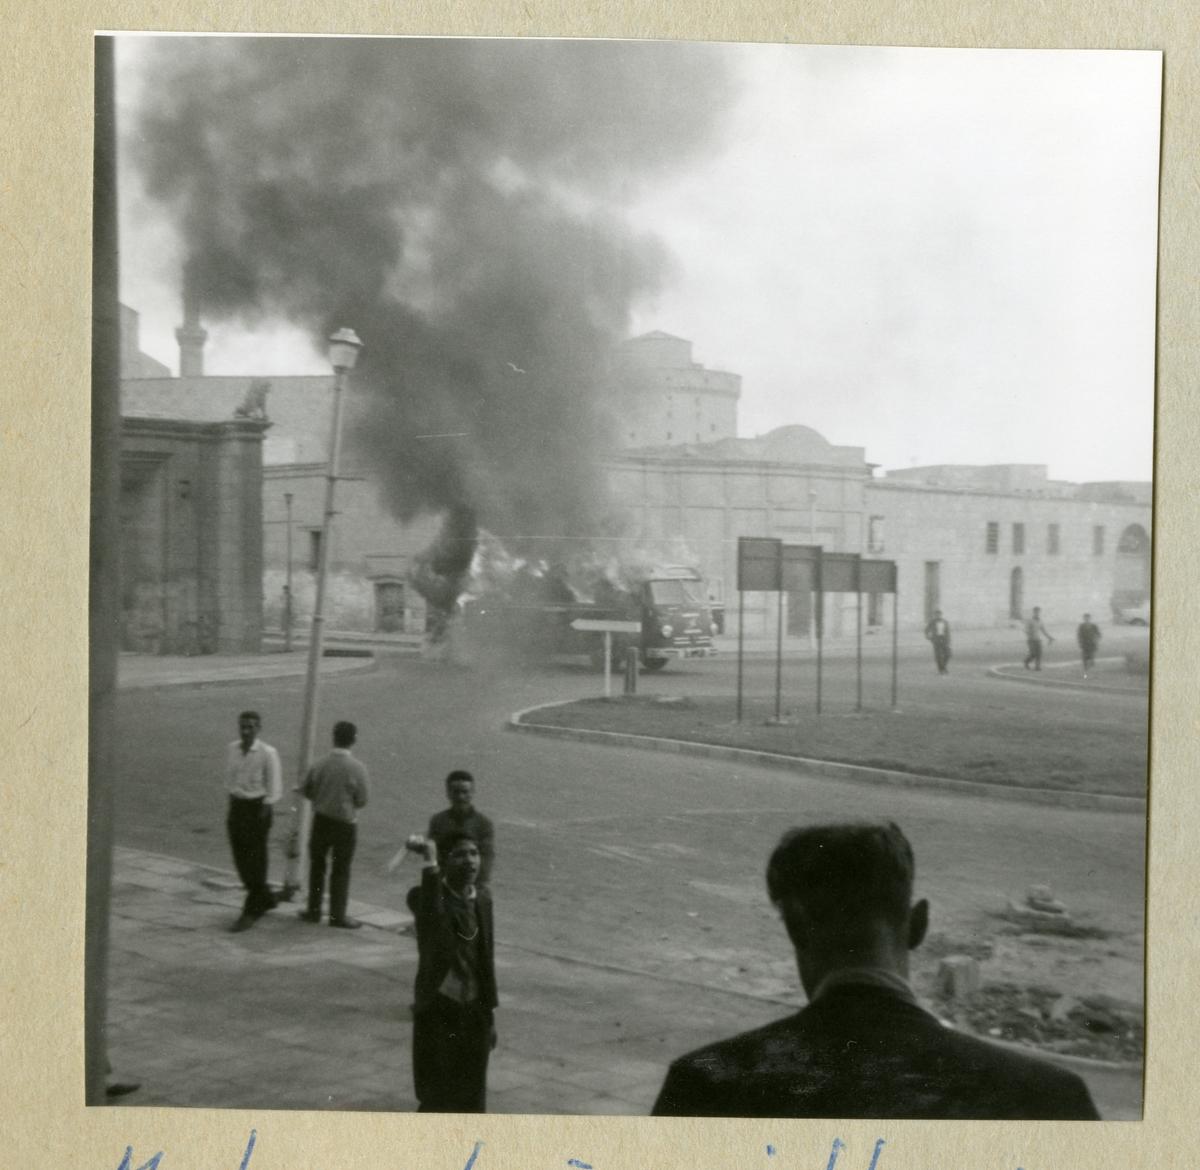 Bilden föreställer en buss, vilken det kommer kraftig rök ifrån. På bilden syns även byggader och människor i omgivningen. Bilden är tagen i samband med minfartyget Älvsnabbens långresa 1966-1967.